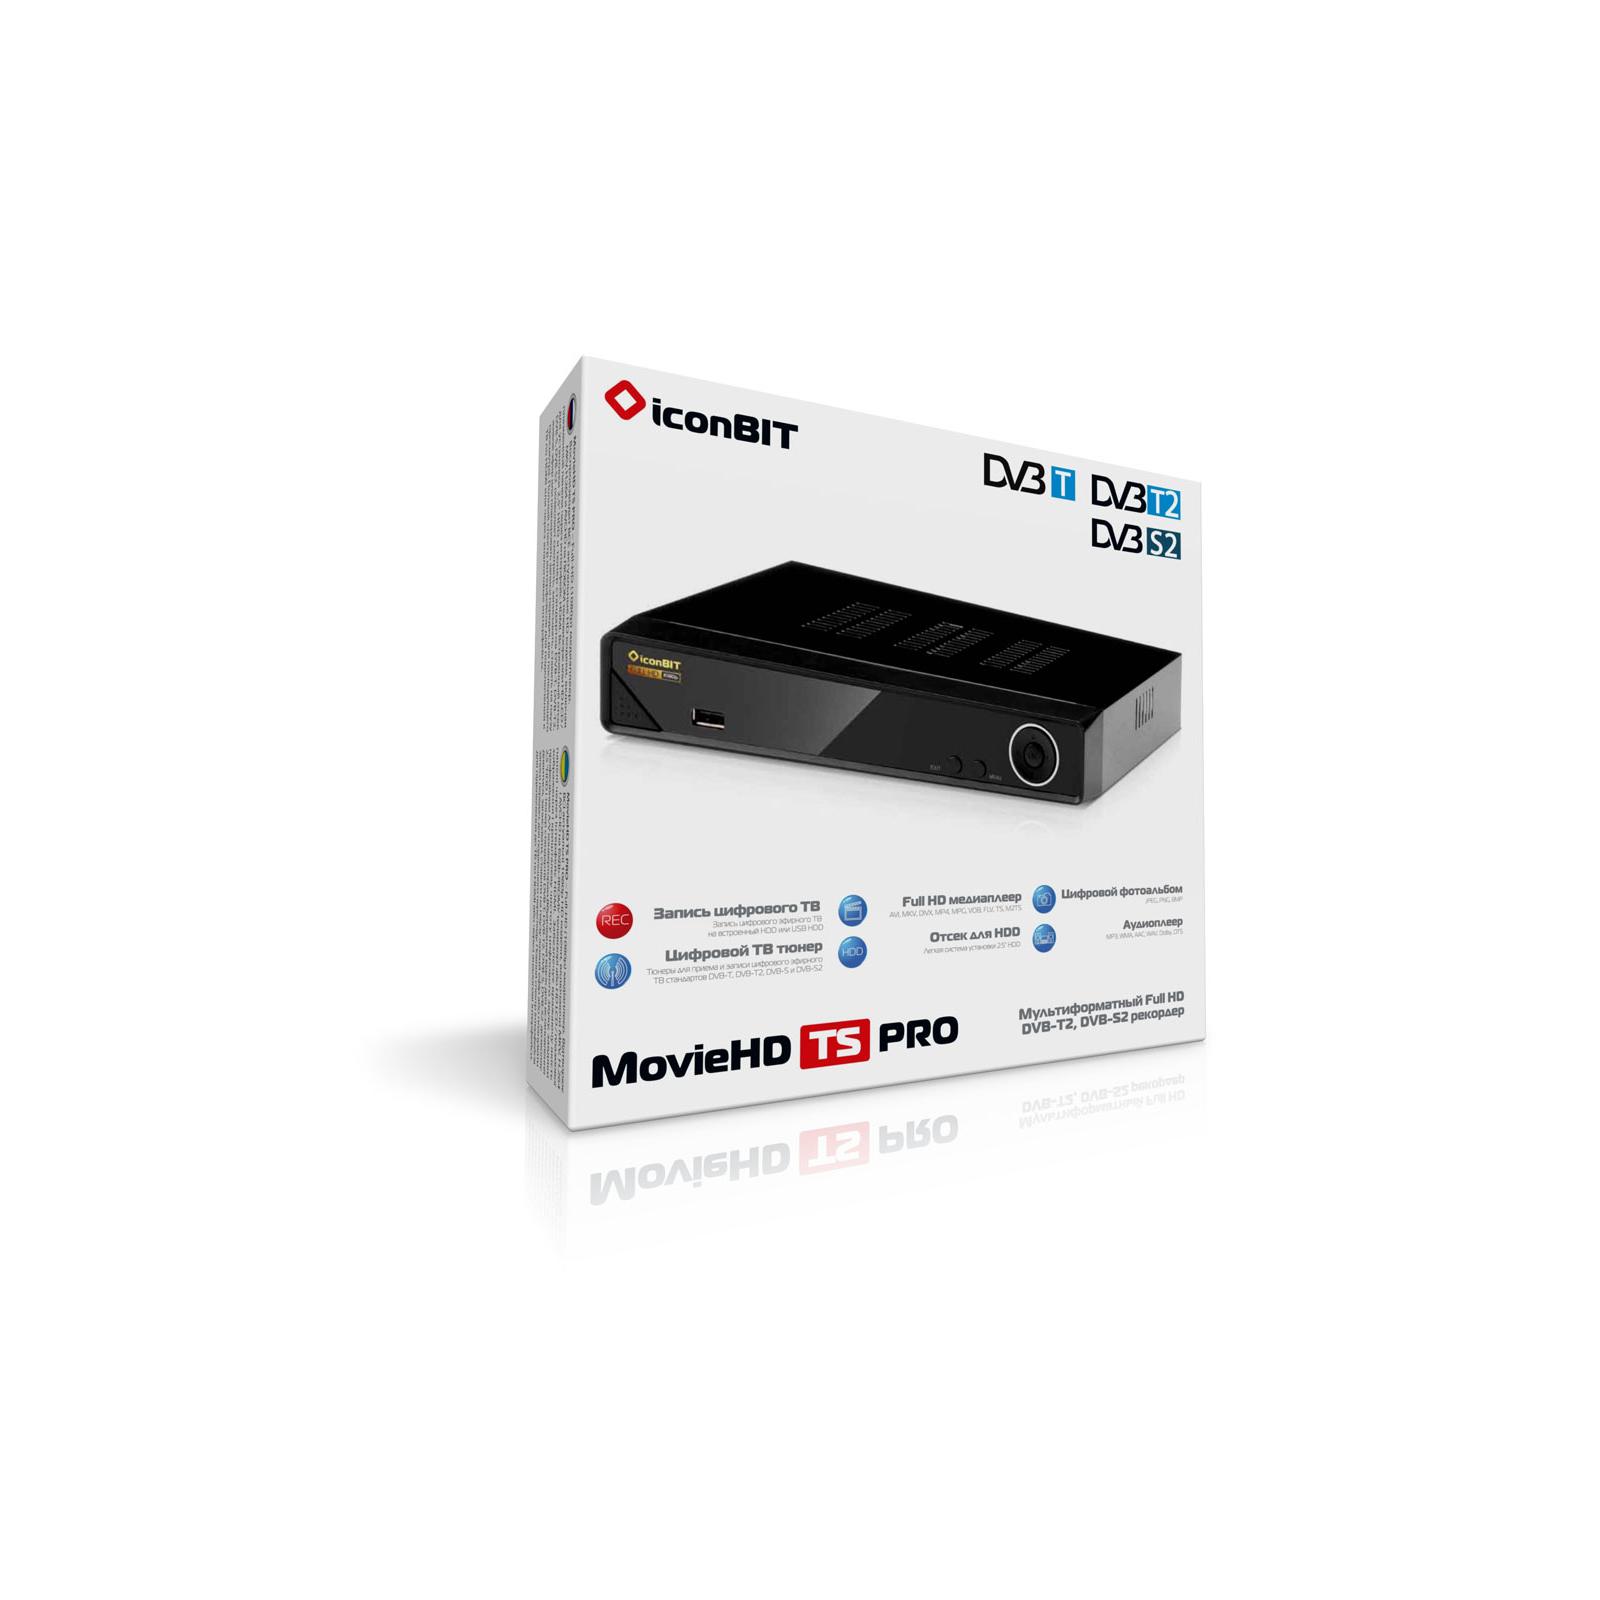 Медиаплеер iconBIT Movie HD TS Pro изображение 3